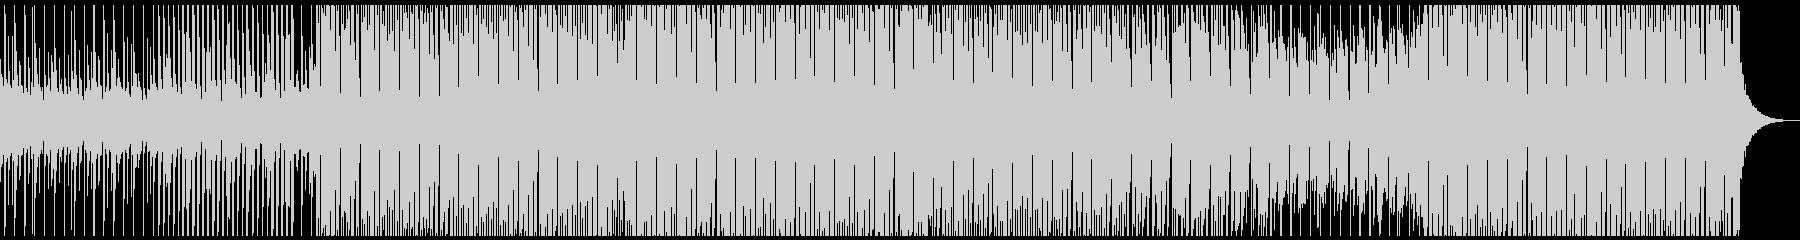 エネルギーダンスの未再生の波形